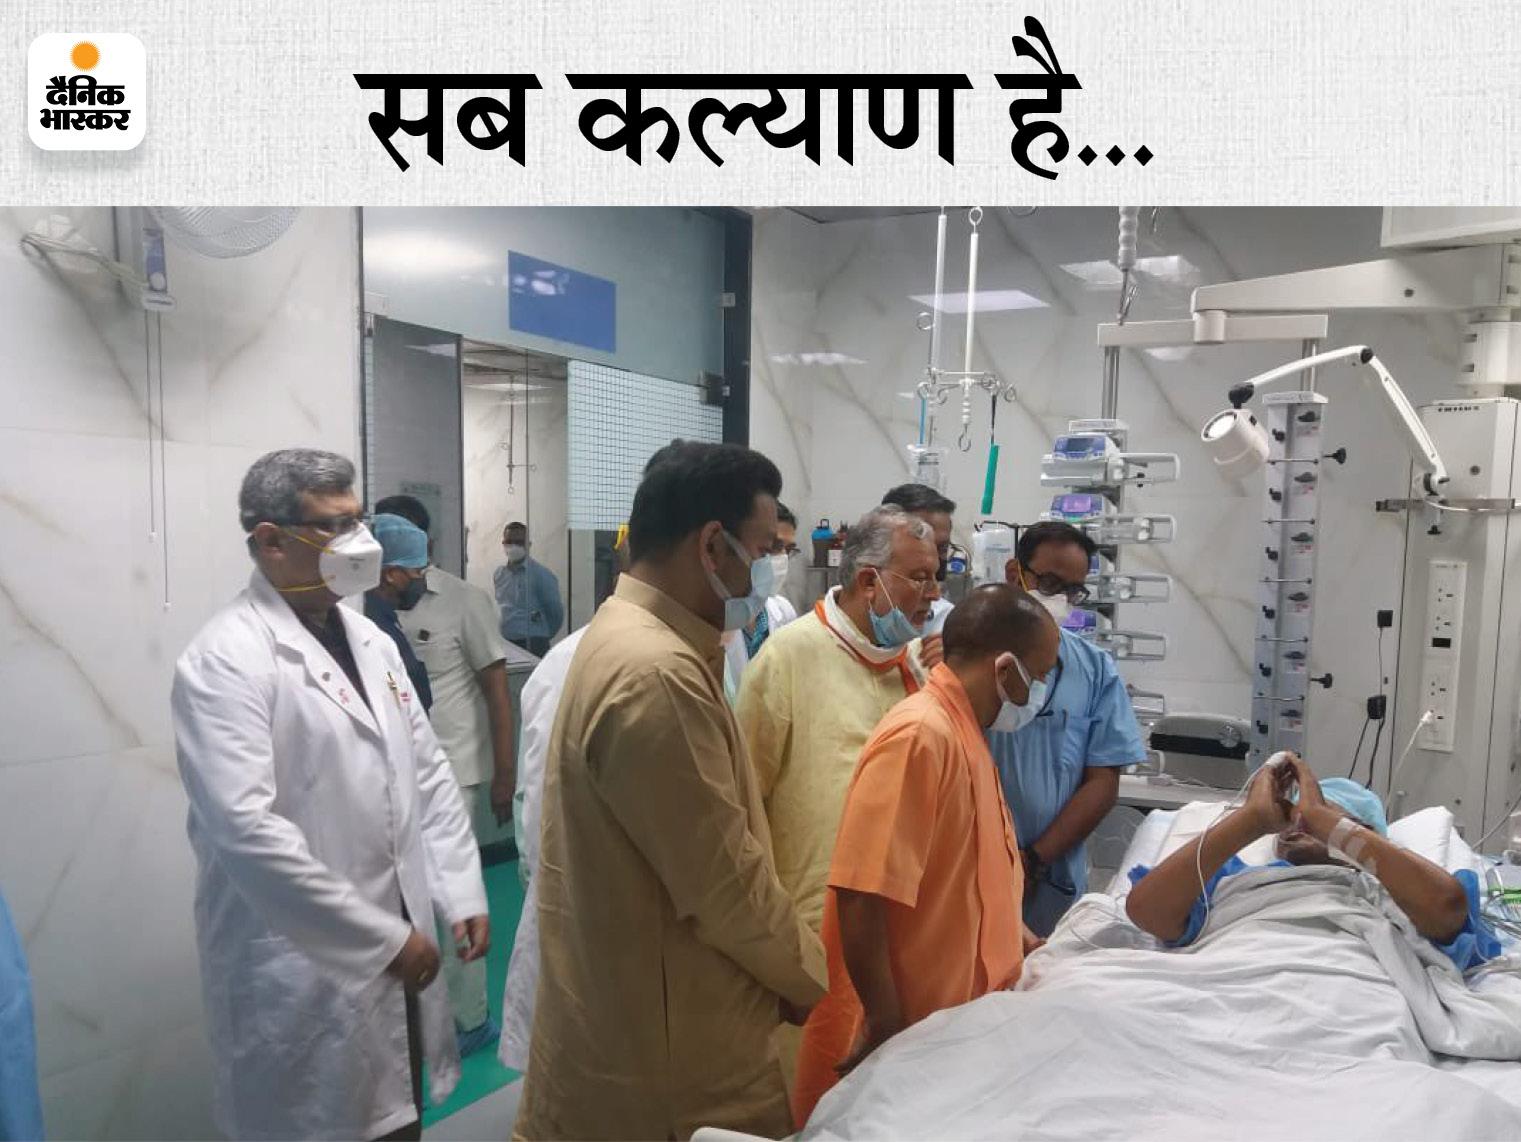 कल्याण CM से बोले- आप बहुत कर रहे मेरी सेवा, अब मैं ठीक हूं; एक दिन पहले सांस लेने में तकलीफ बढ़ी थी लखनऊ,Lucknow - Dainik Bhaskar